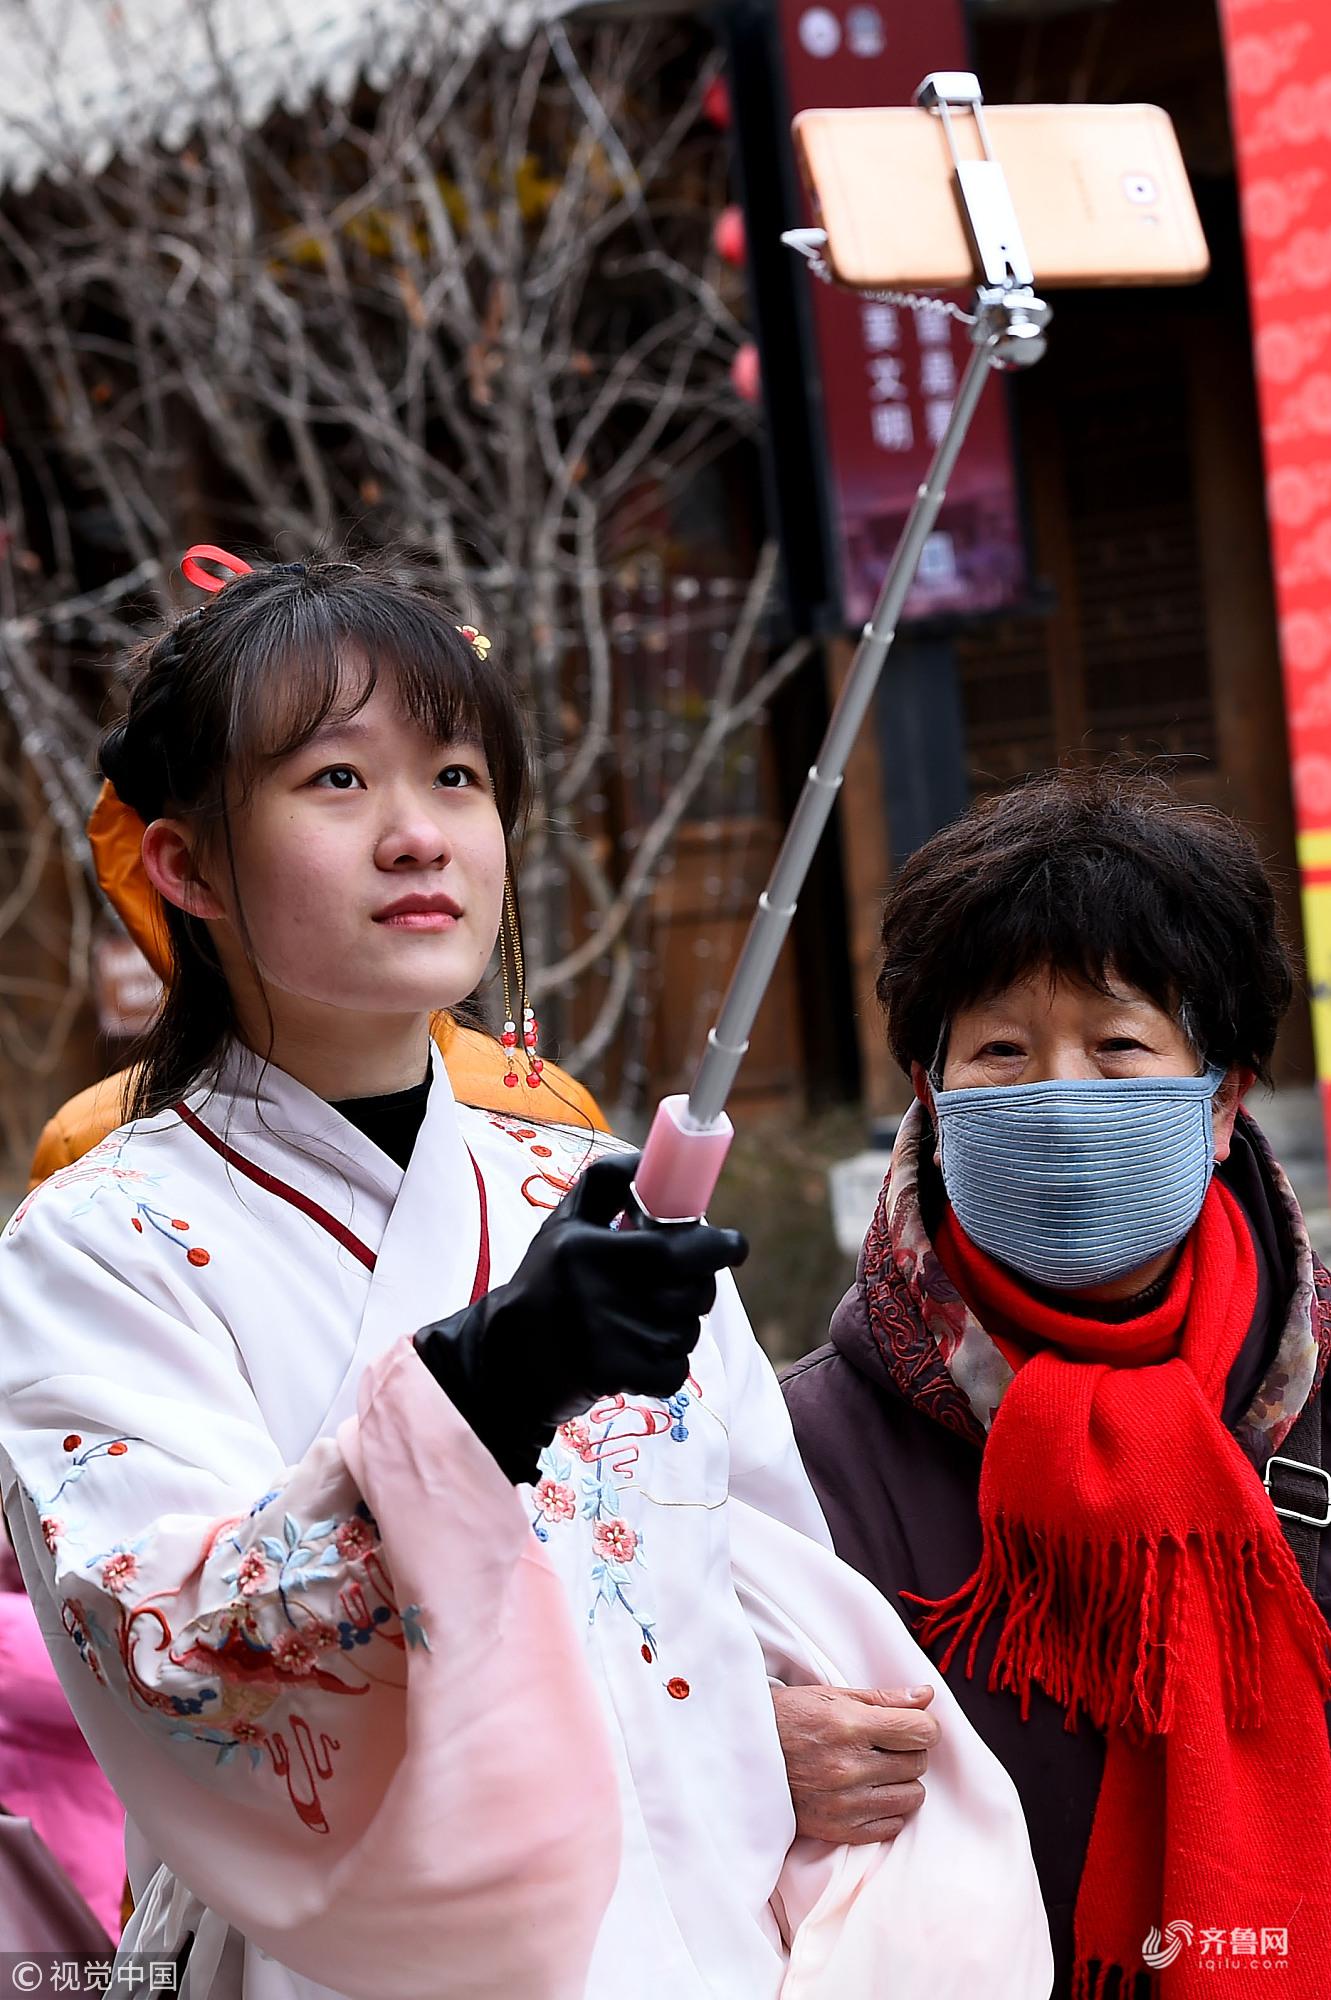 表情里过大年!这些春节表情妙趣横生古城包劲舞团图图片